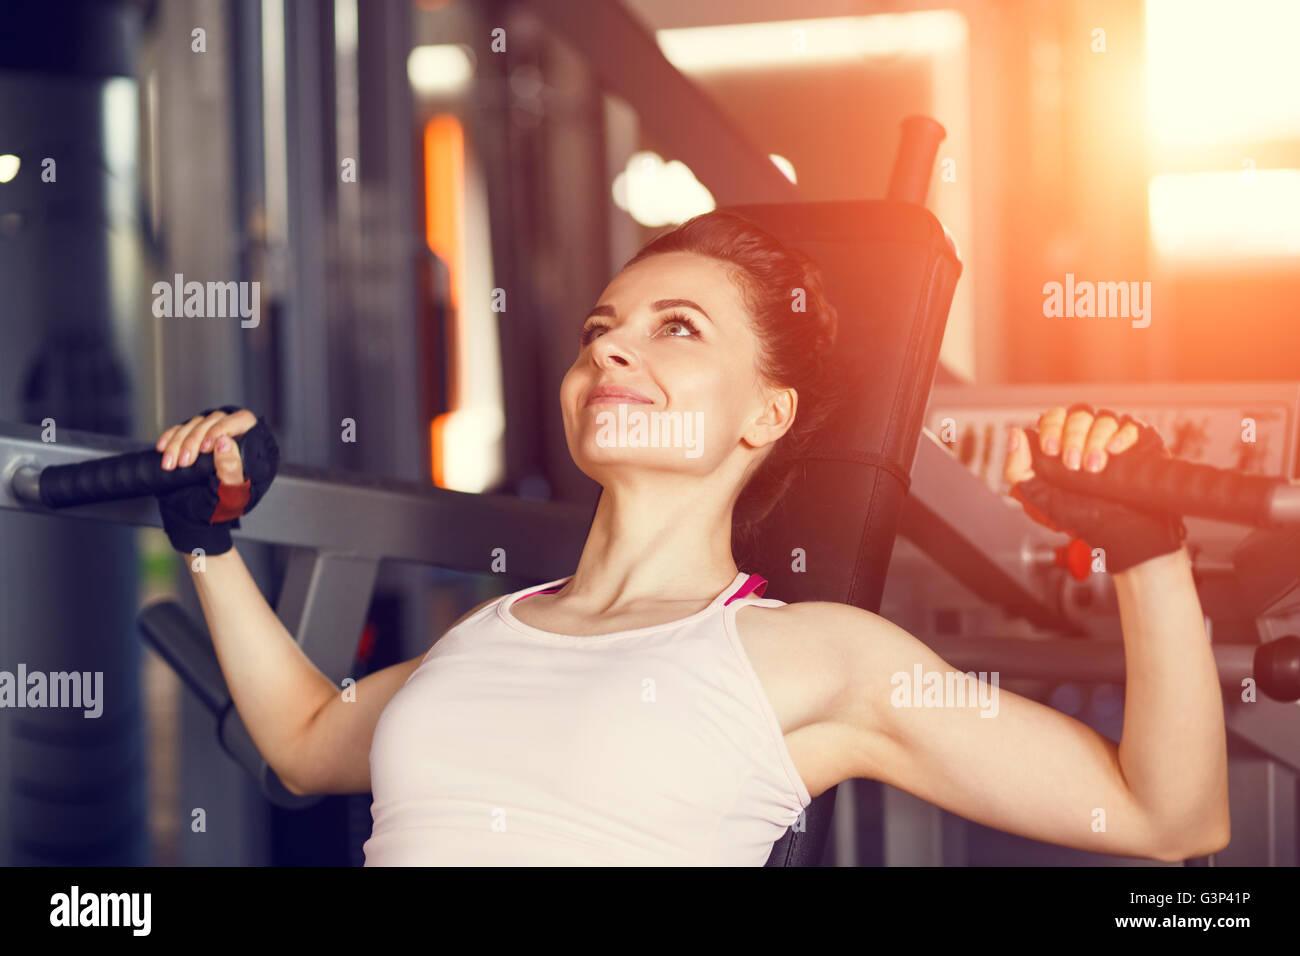 Mujer sonriente joven haciendo ejercicio en el gimnasio pecho volar la máquina. Imagen De Stock